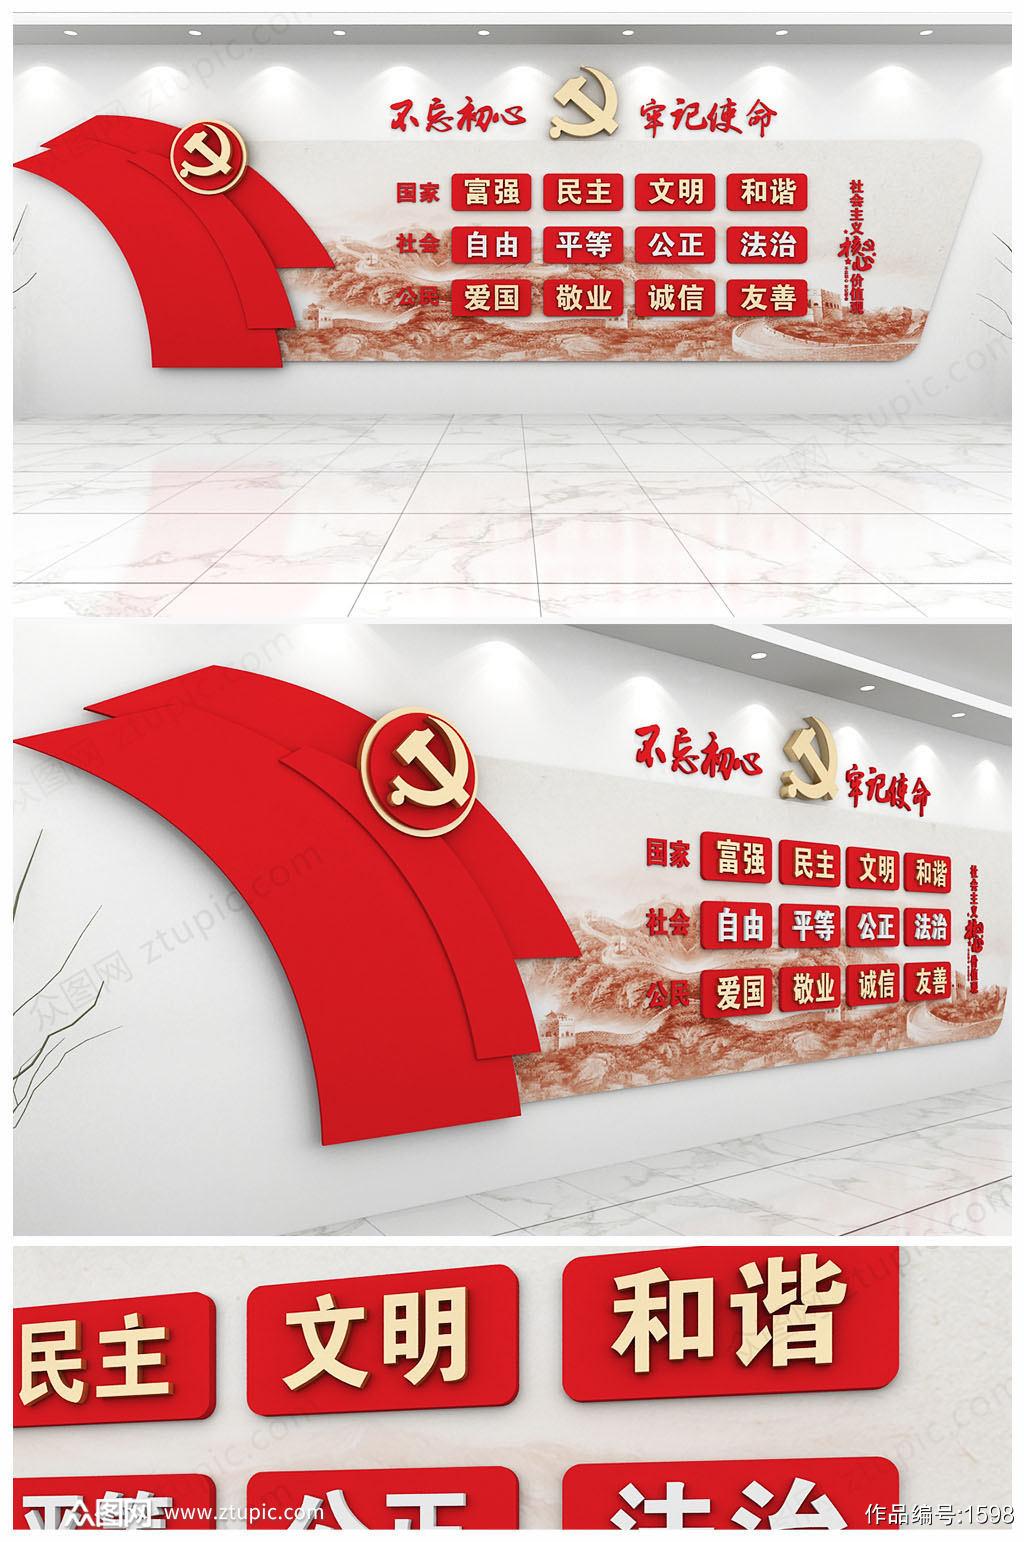 原创社会主义核心价值观文化墙设计素材